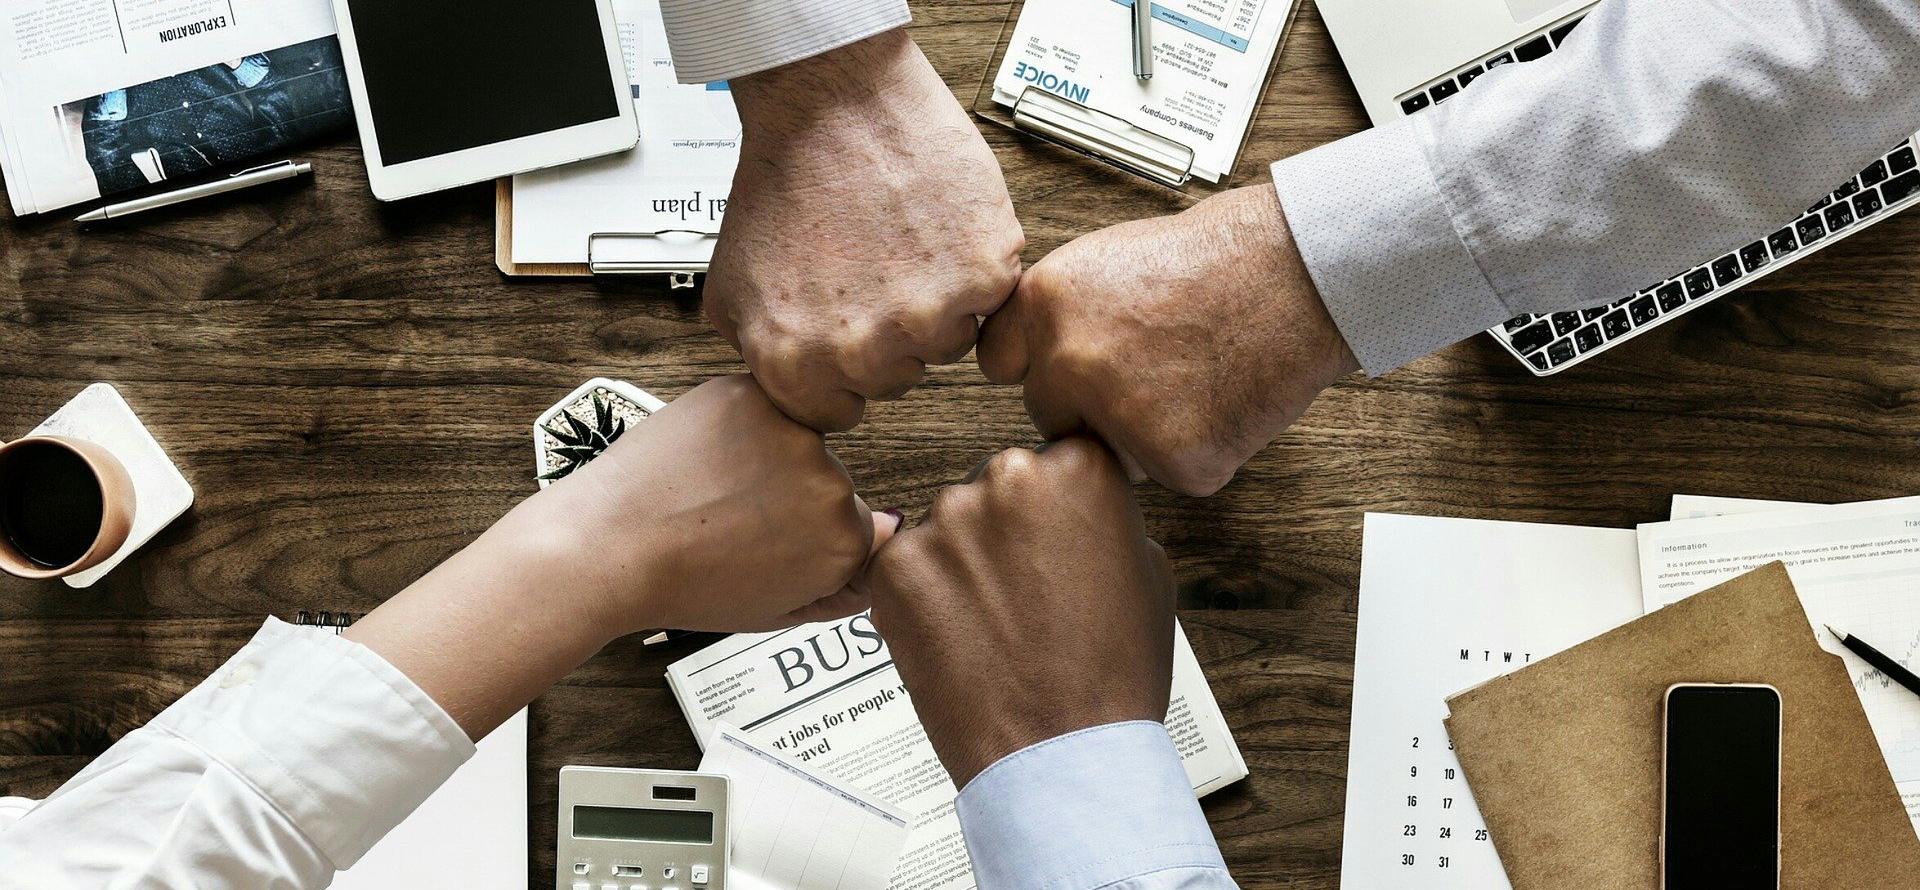 uniendo los puños en señal de equipo de trabajo por personal de ambos sexos